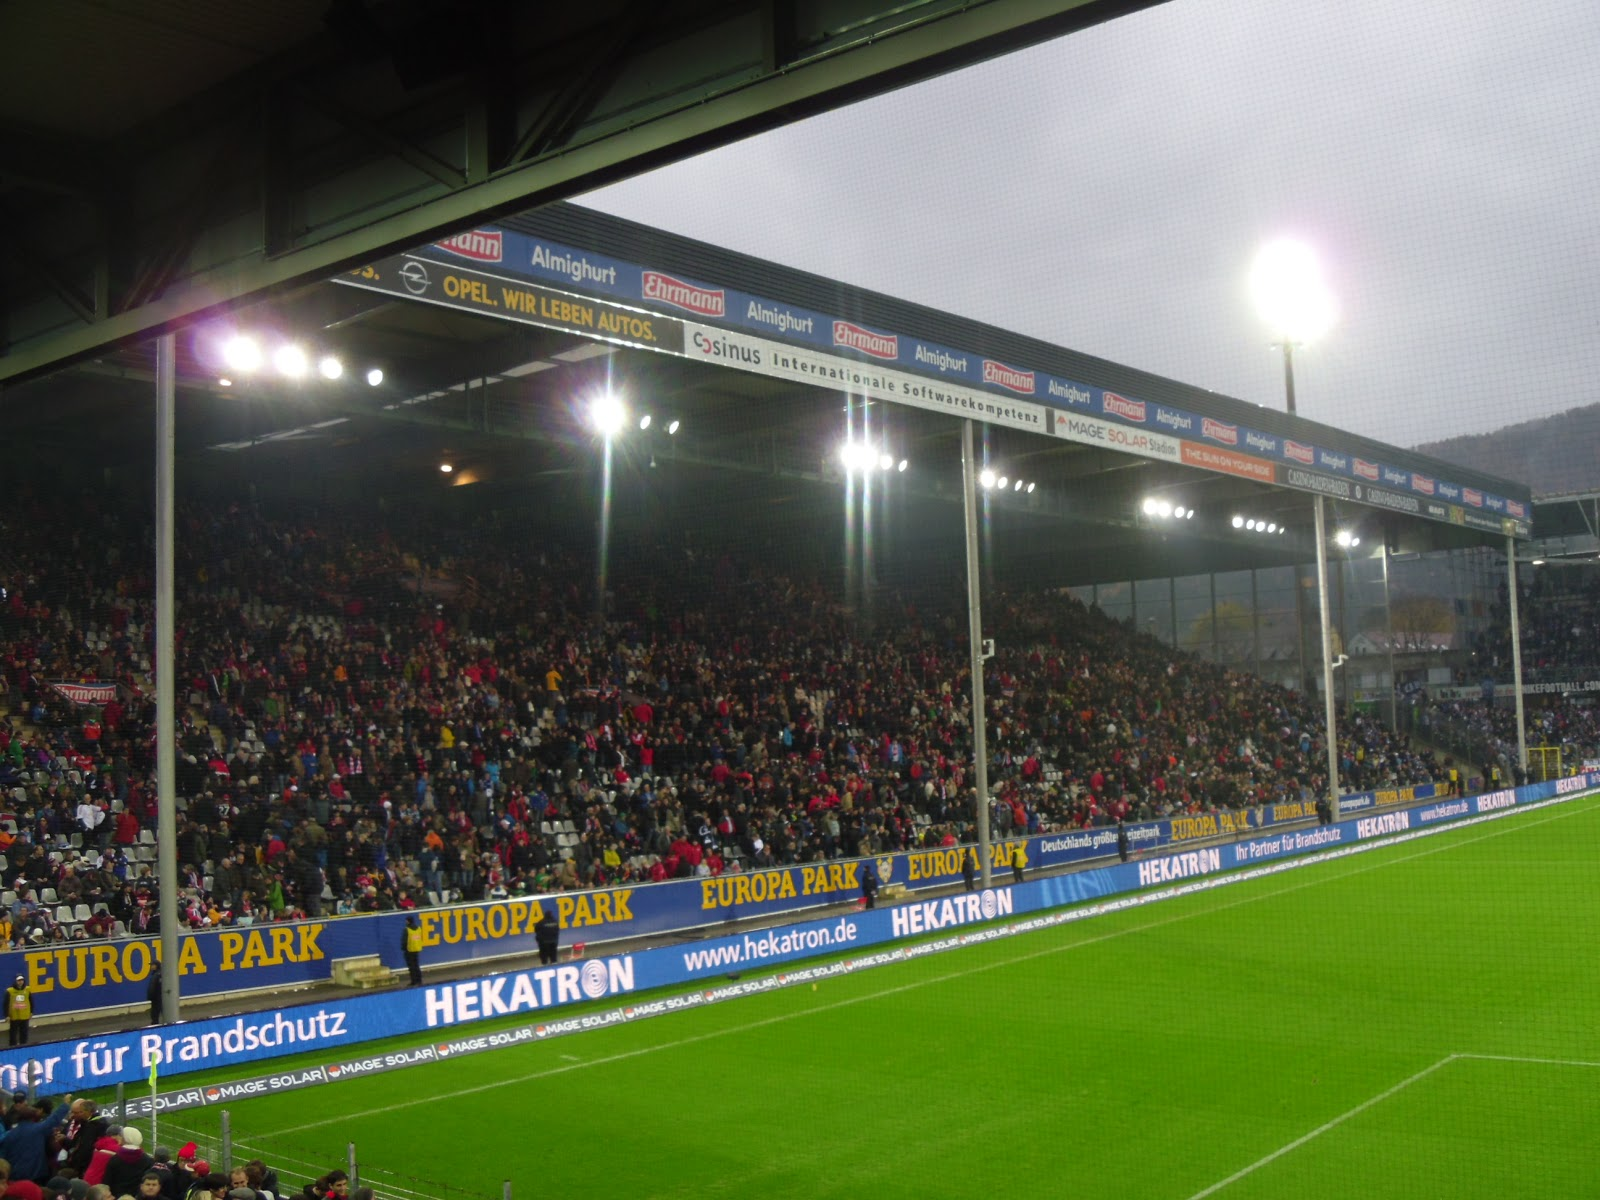 arena meeting regensburg